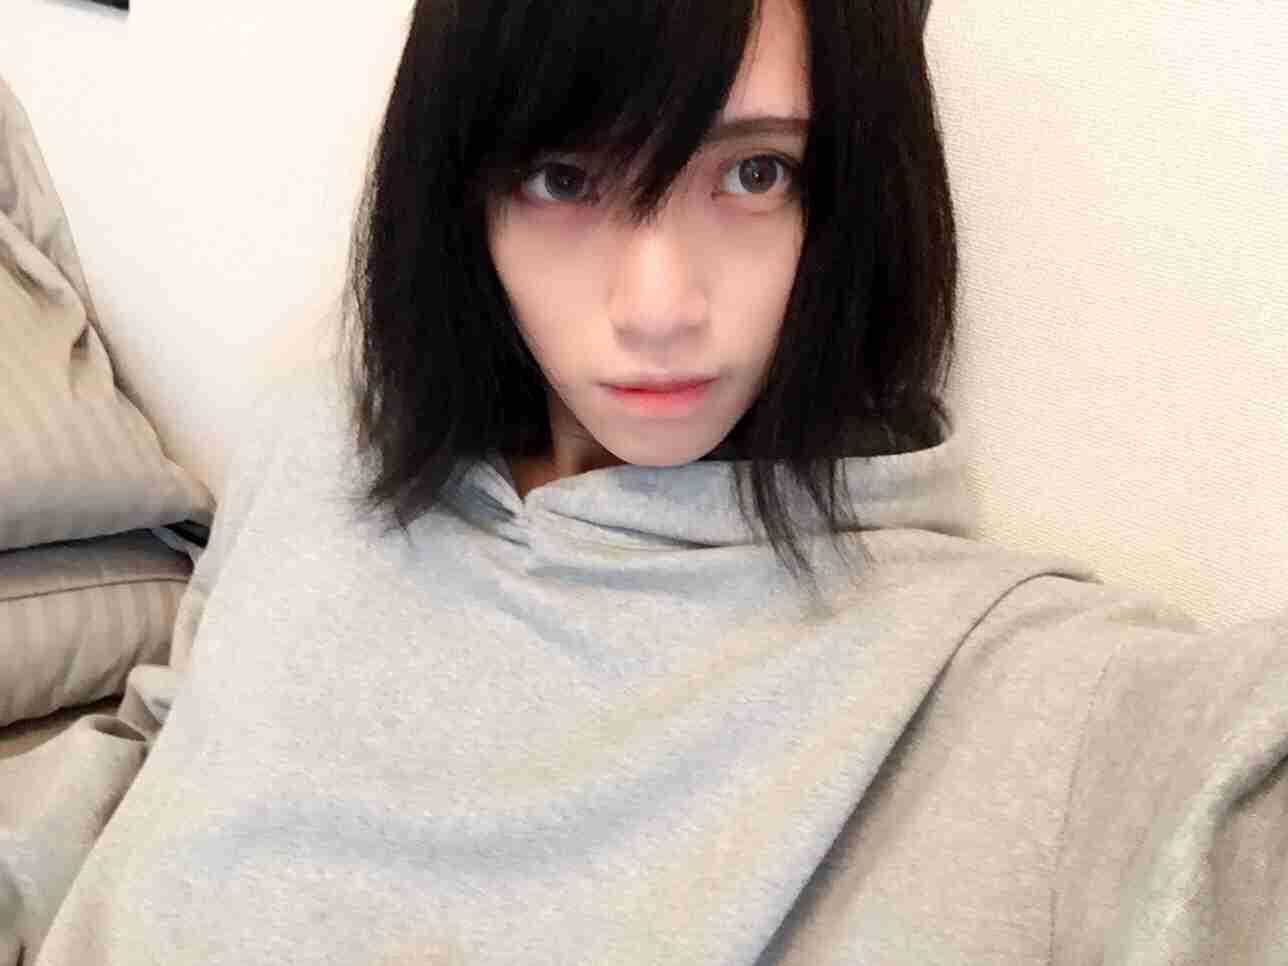 大島優子、まもなく海外へ?親友・佐藤かよが送別会を開催